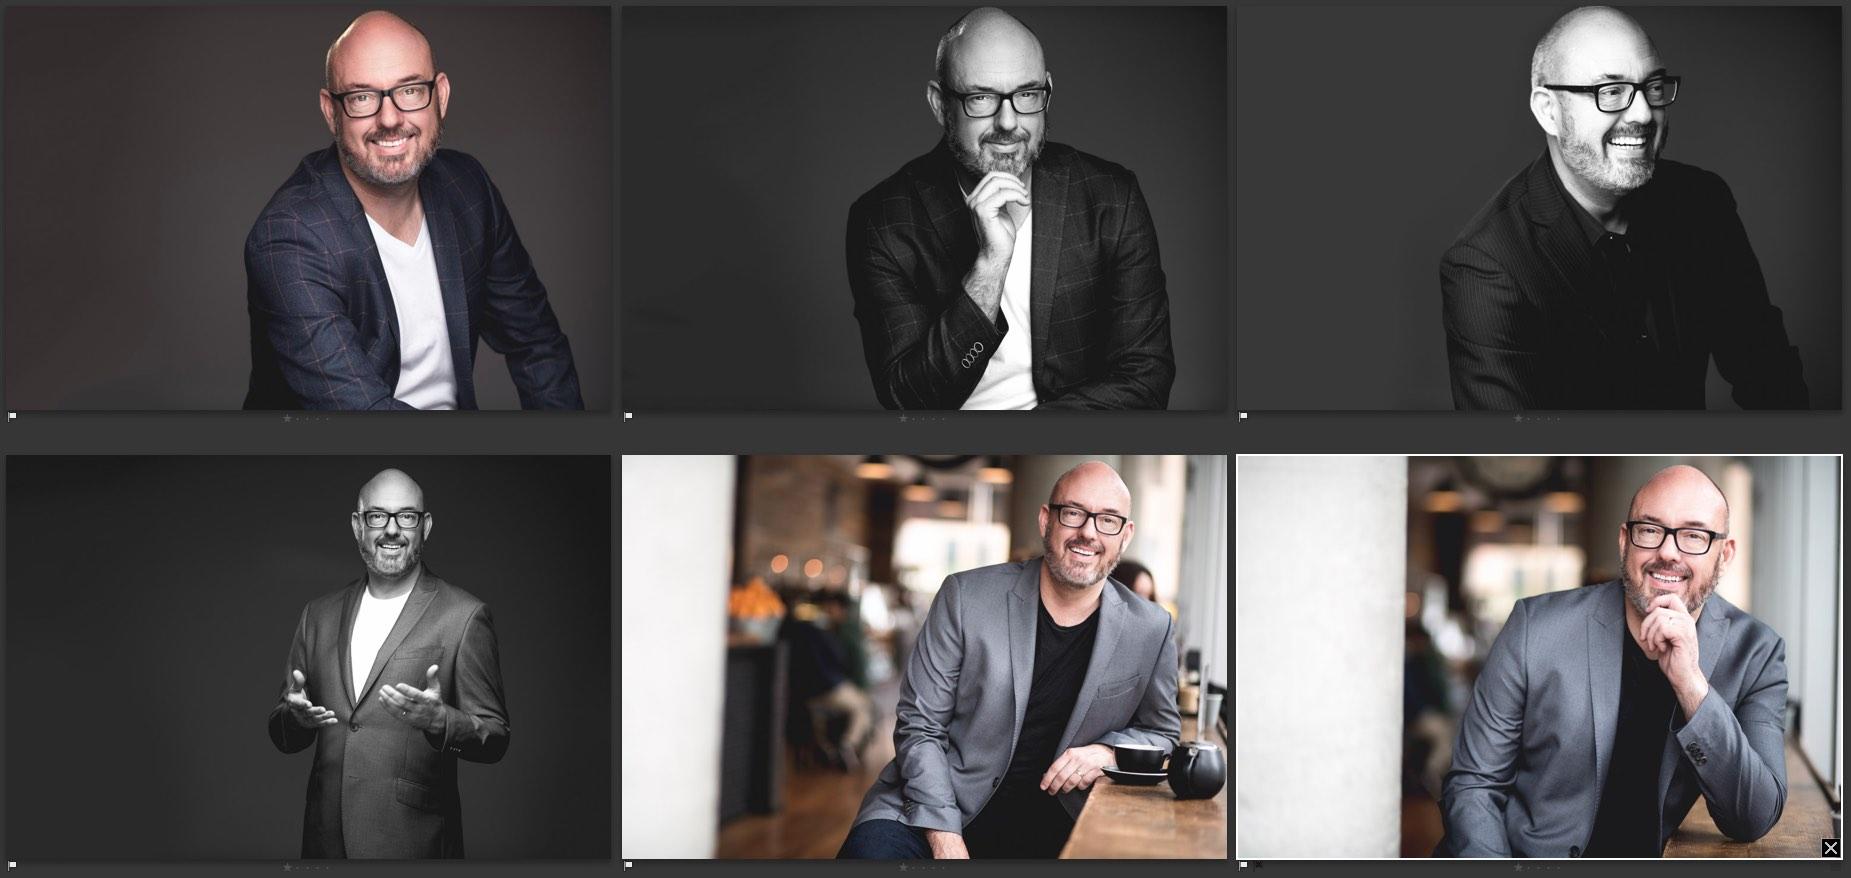 Paul-executive-headshots-adelaide.jpg